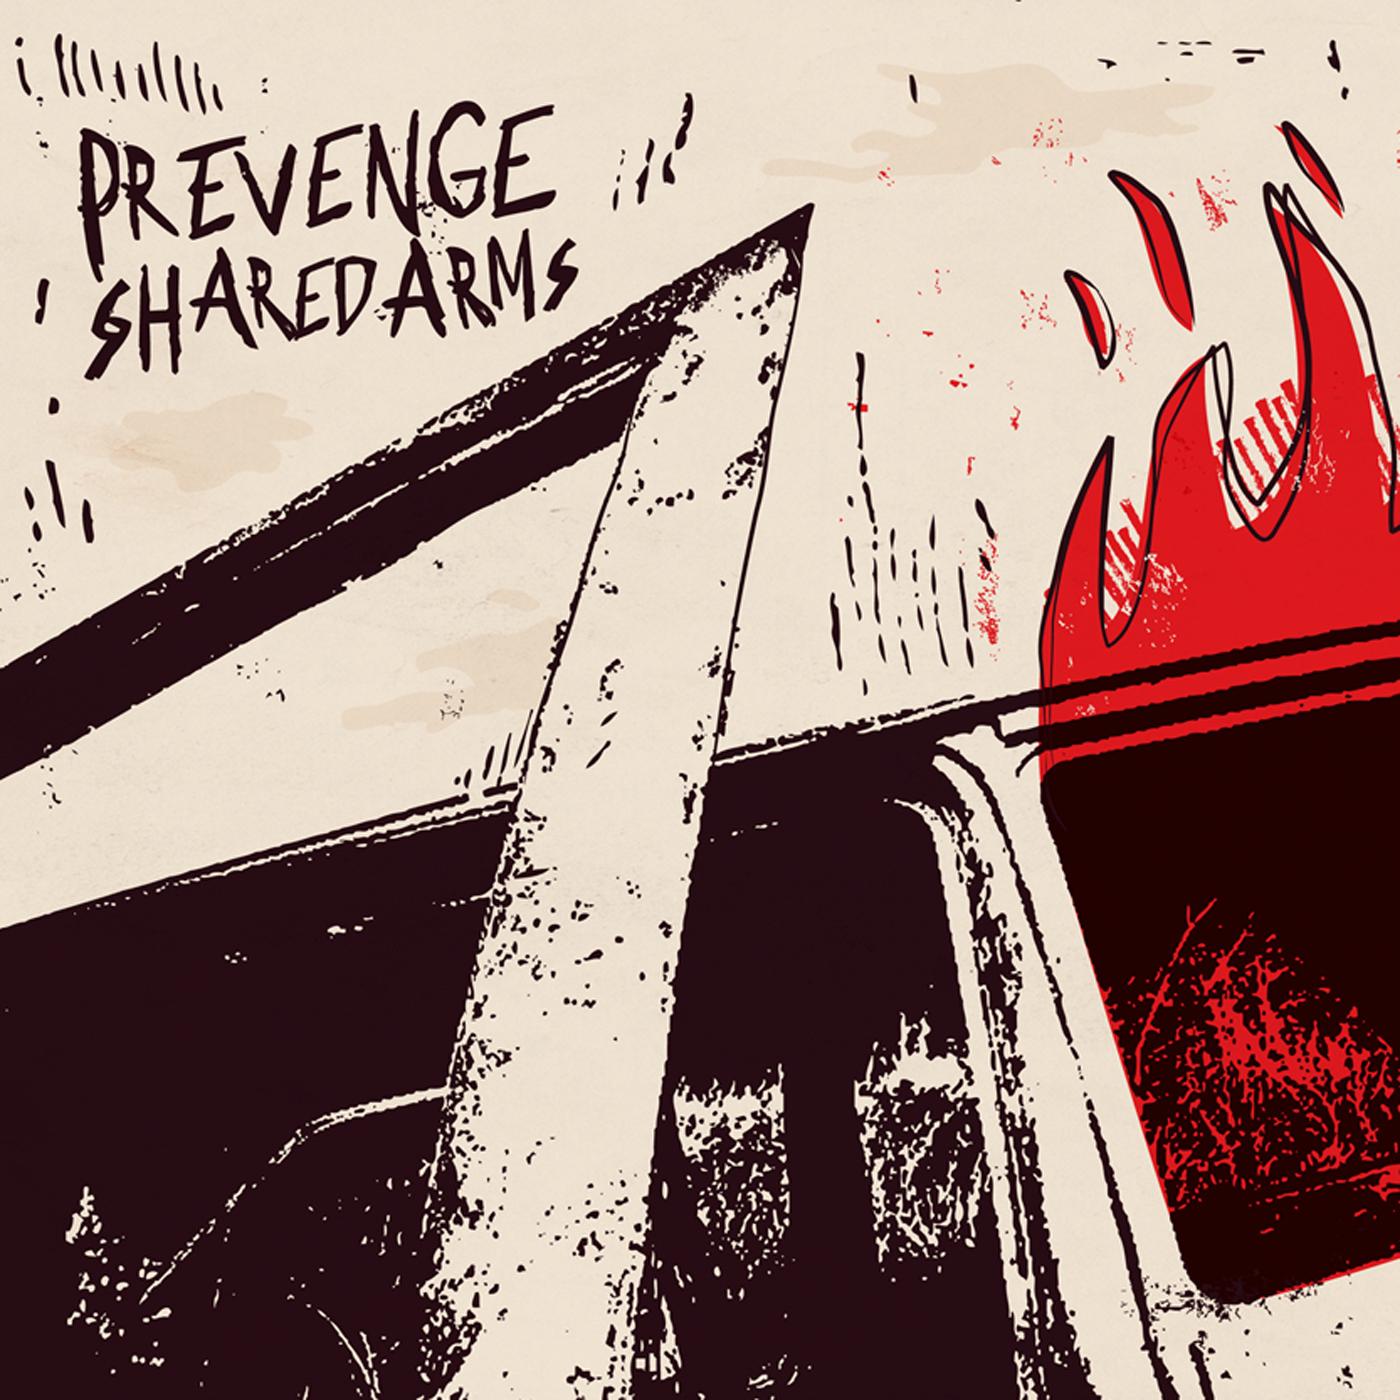 Prevenge + Shared Arms - split